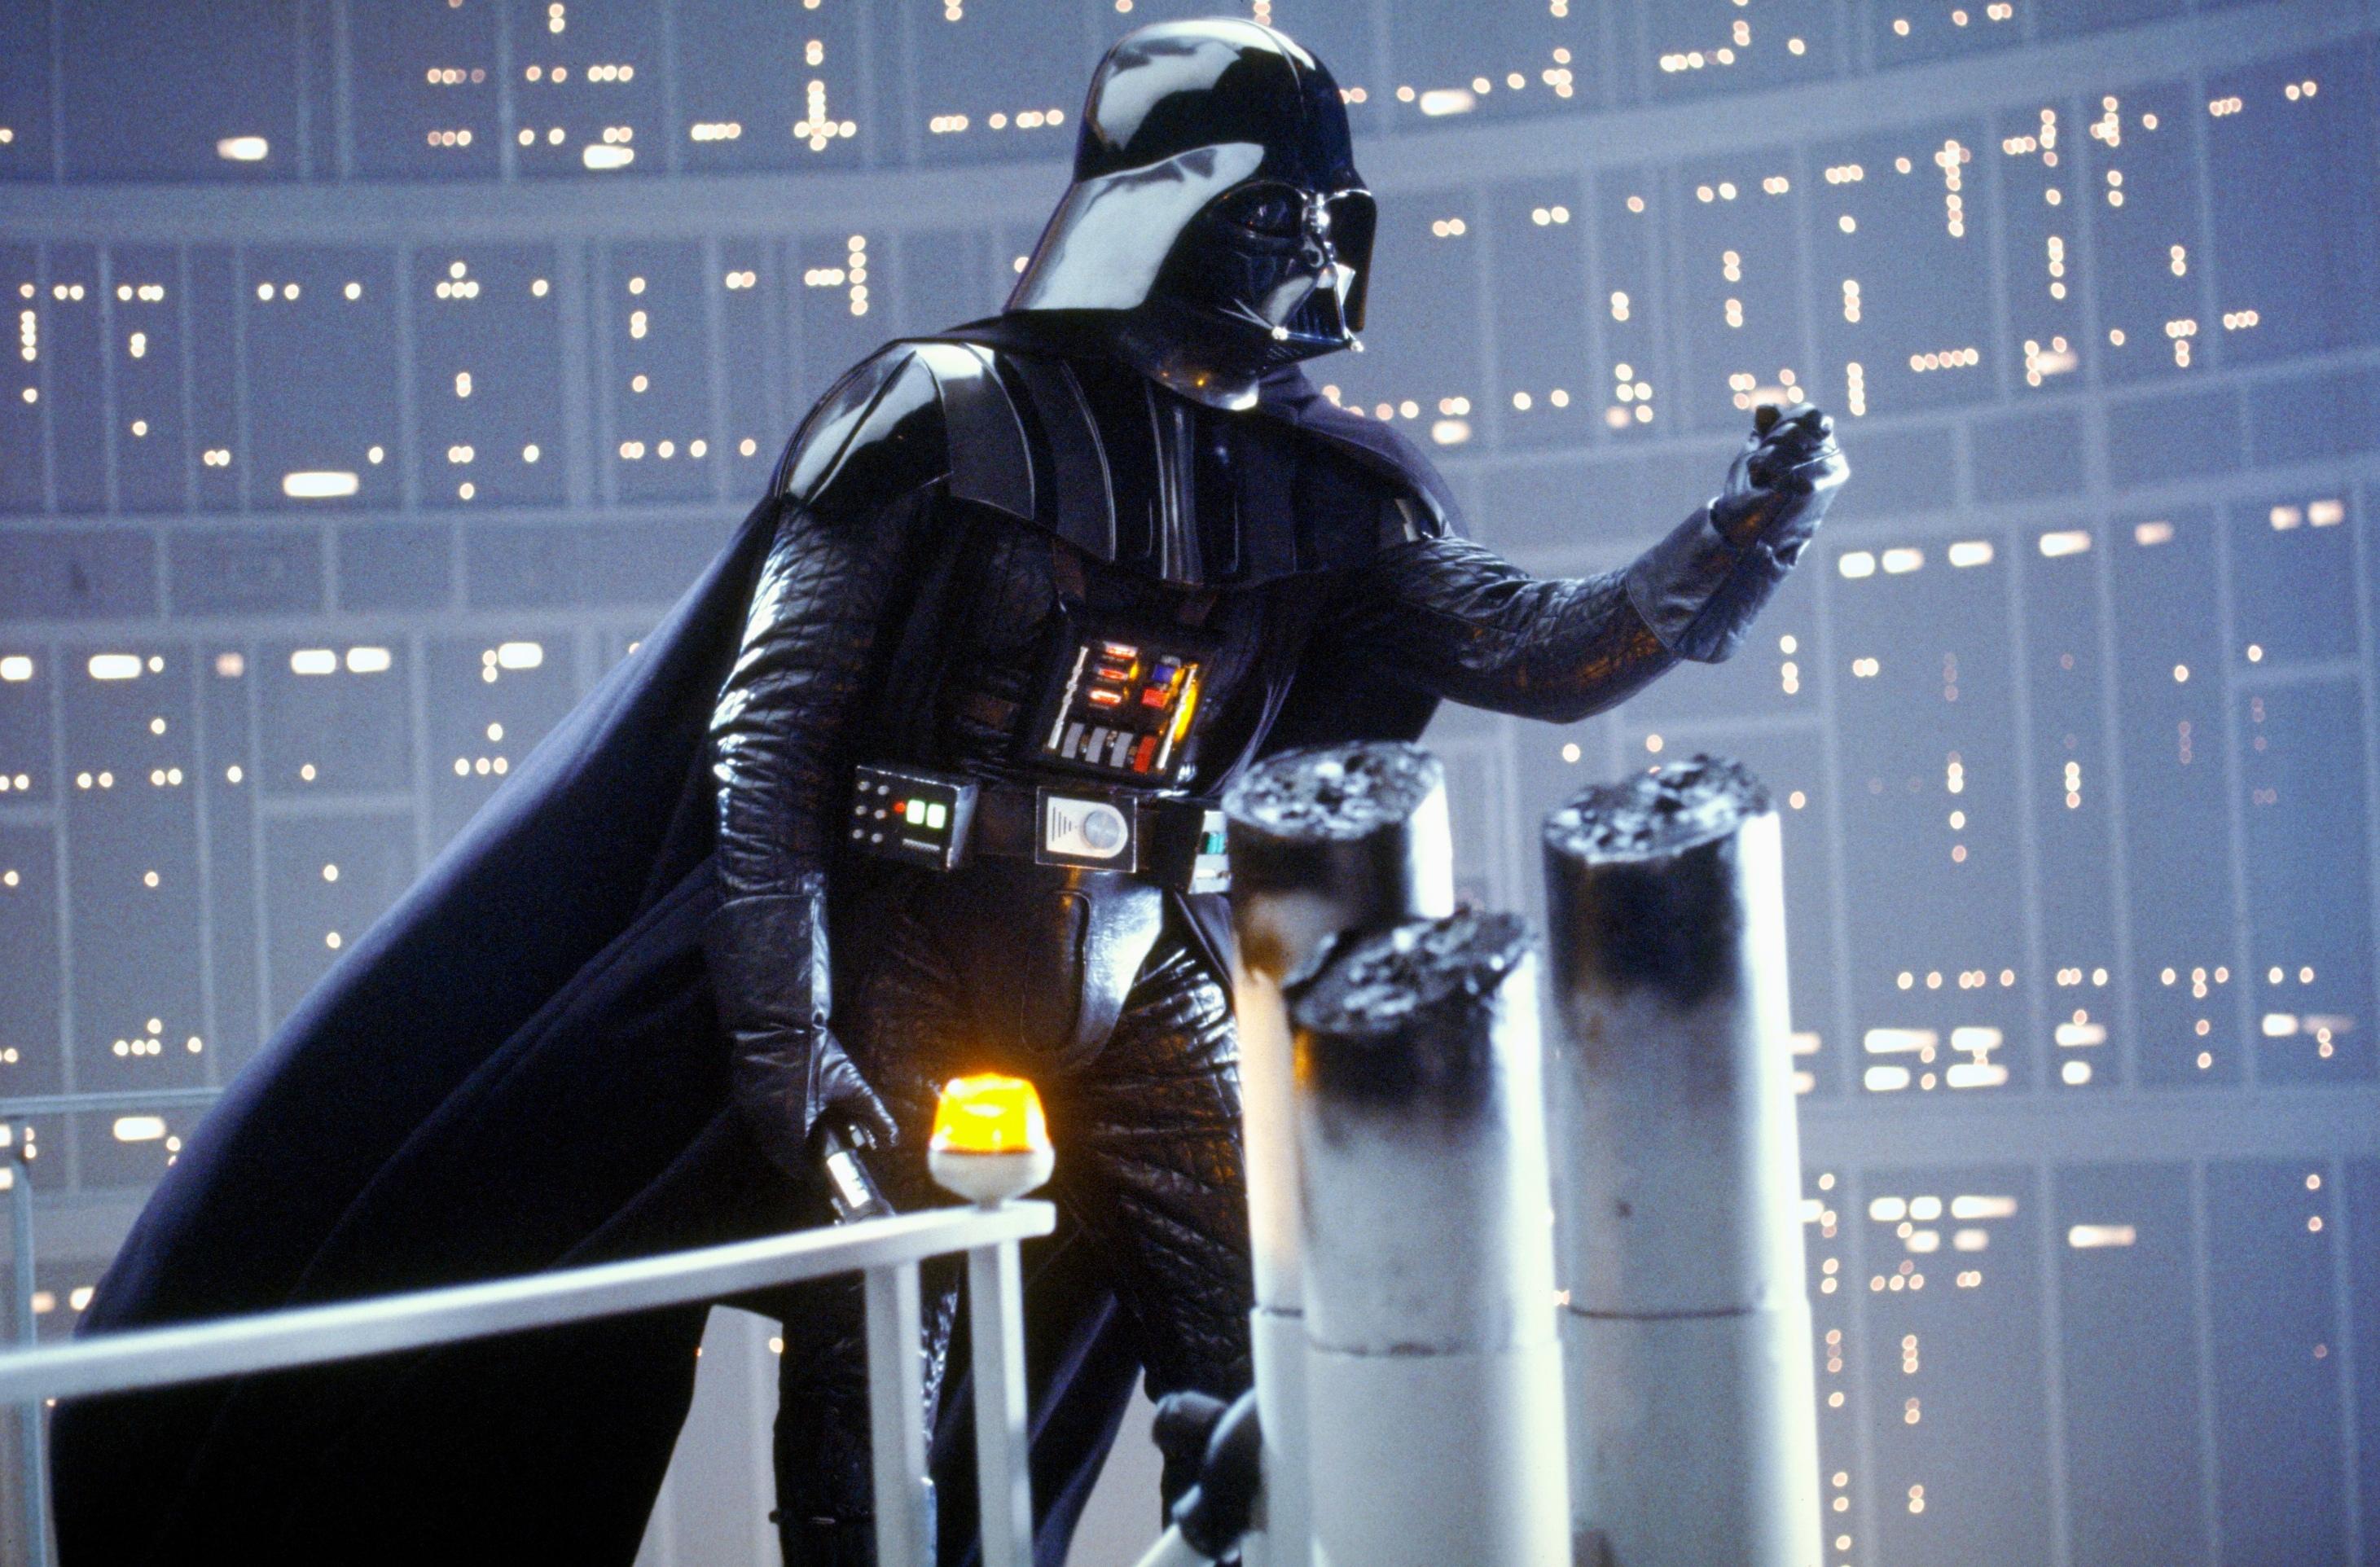 star-wars-episode-v-the-empire-strikes-backda6a64fb.jpg